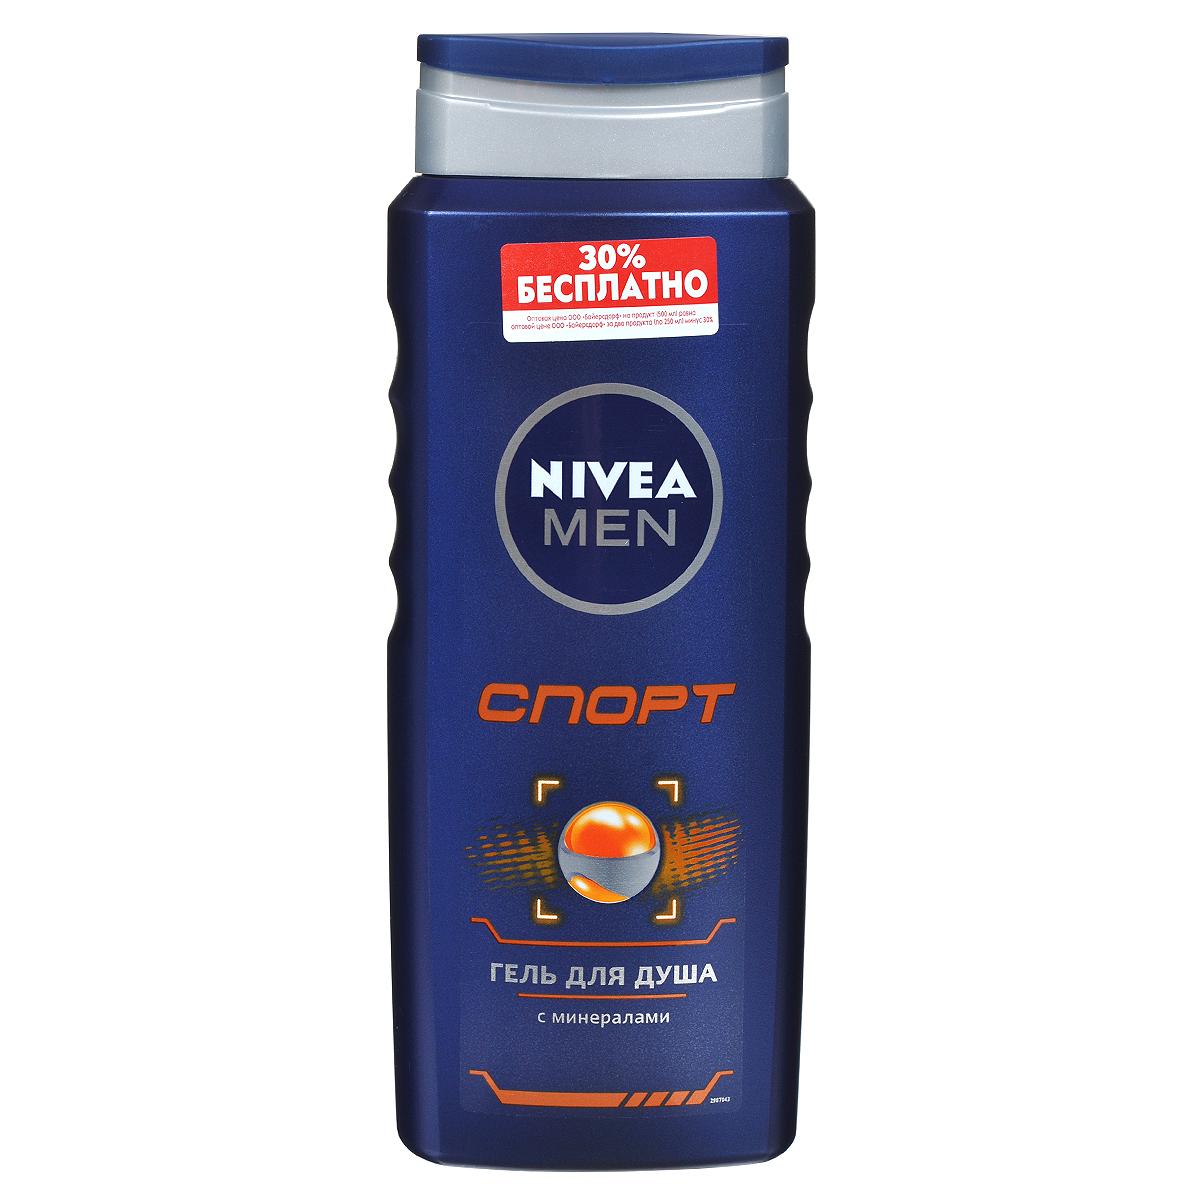 NIVEA Гель для душа Спорт 500 мл100134887•Ухаживающая формула геля обеспечивает интенсивное увлажнение, а свежий аромат лайма заряжает энергией на целый день.